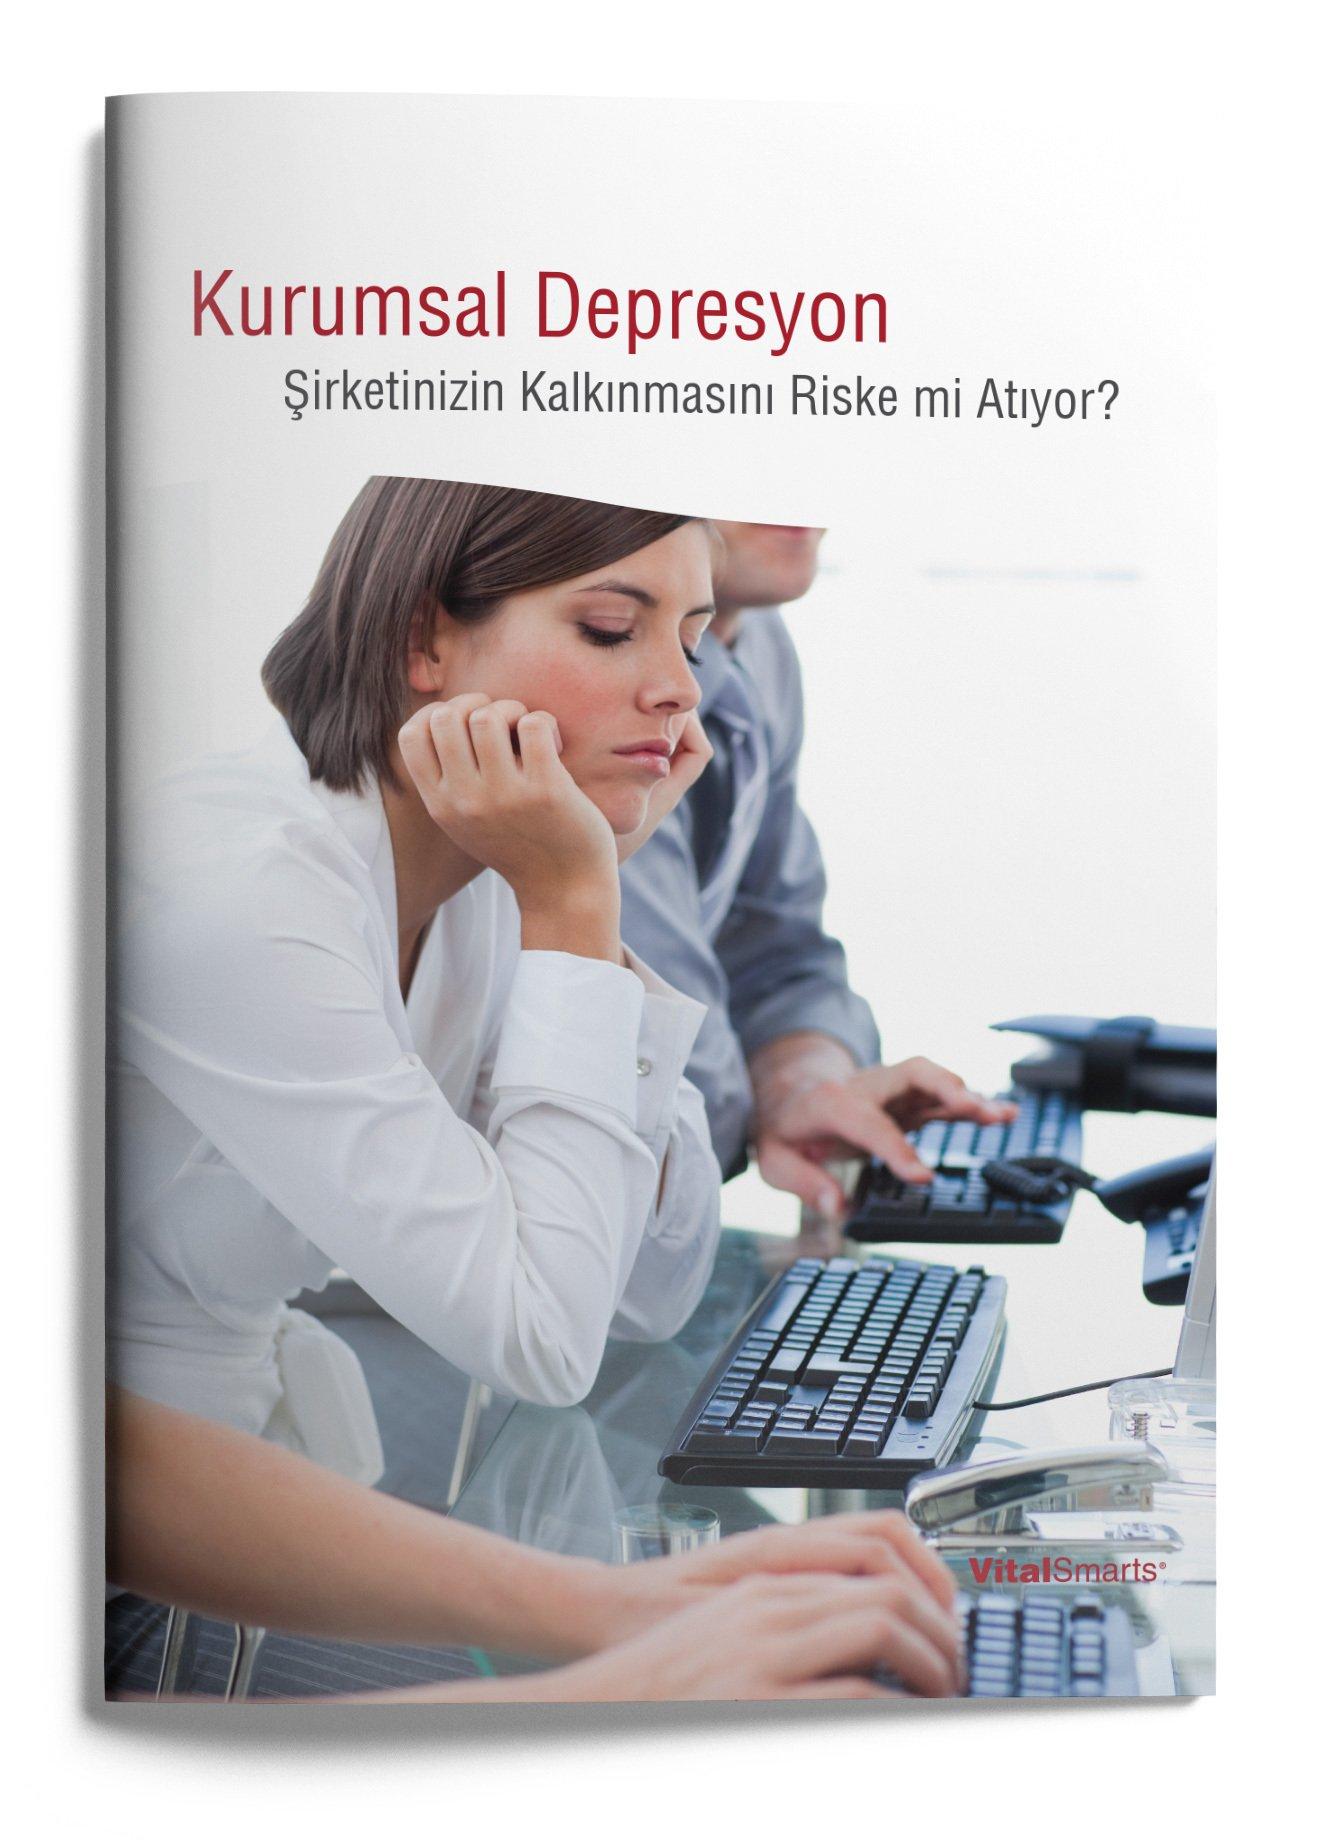 kurumsal-depresyon-kalkinmanizi-riske-mi-atiyor